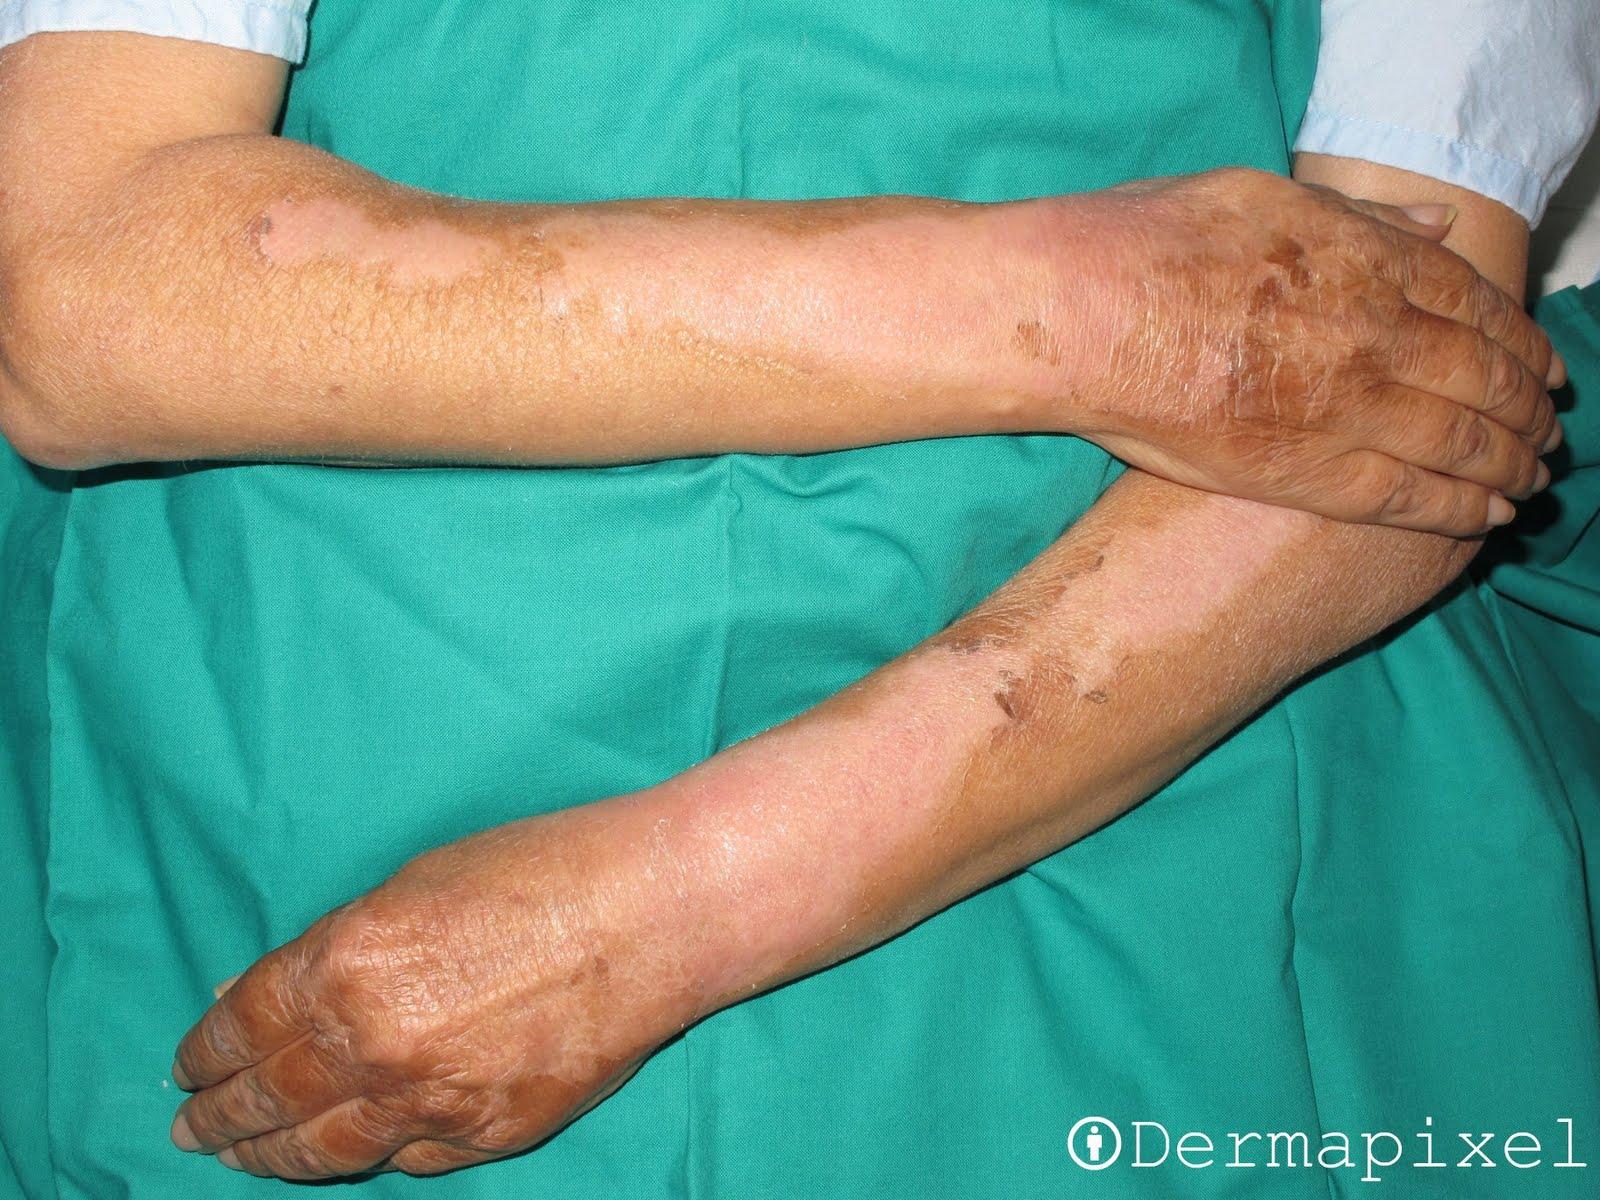 Imagen tomada a las 3 semanas de tratamiento